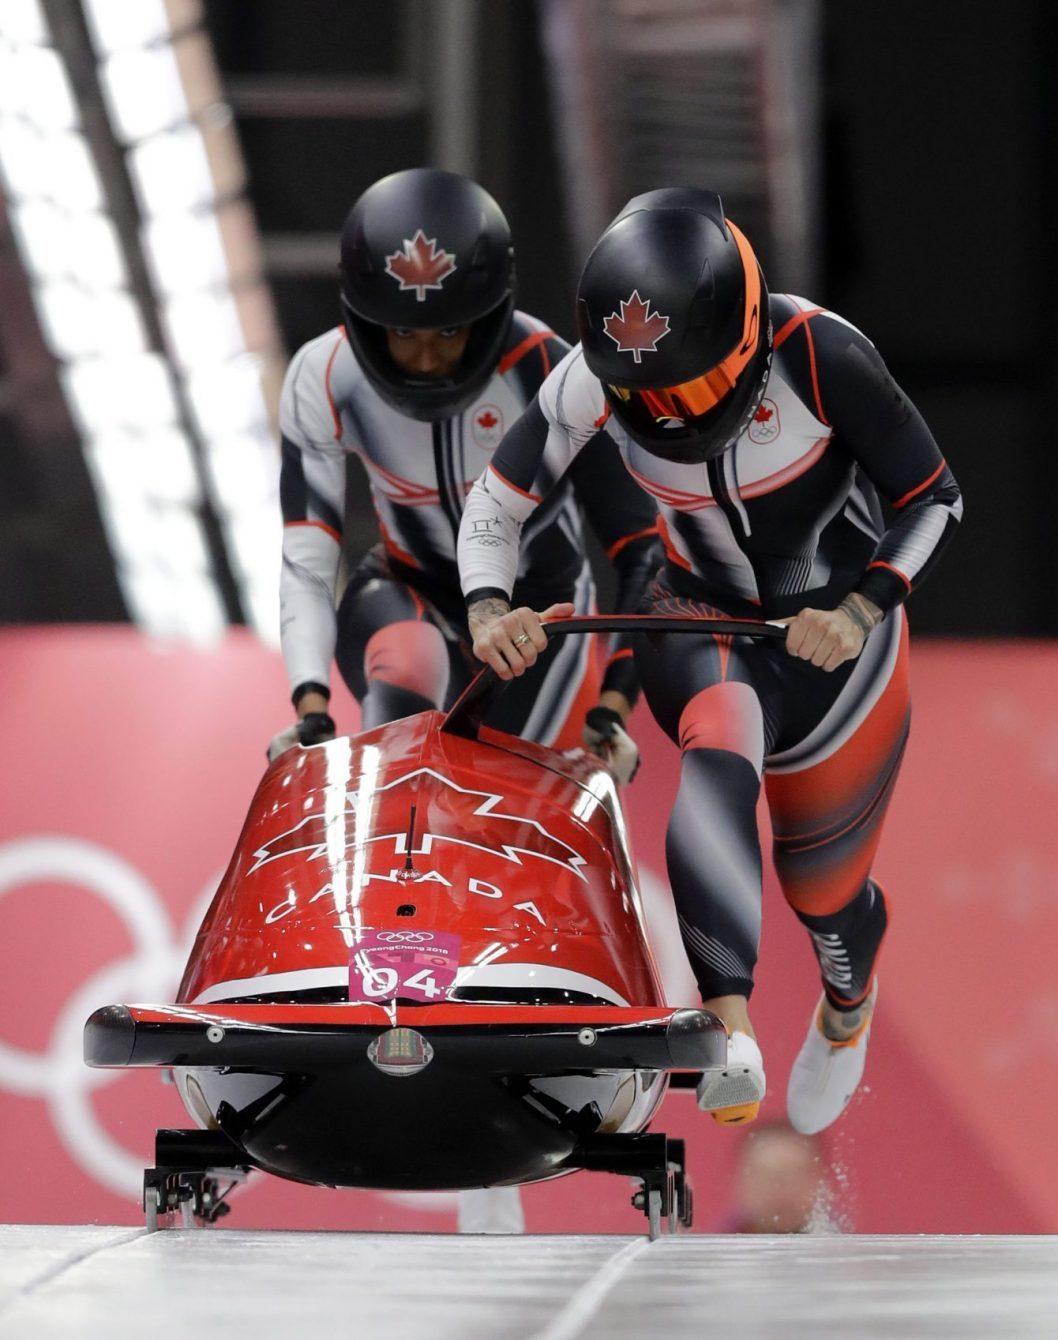 Humphries et George propulsent leur bobsleigh sur la piste.